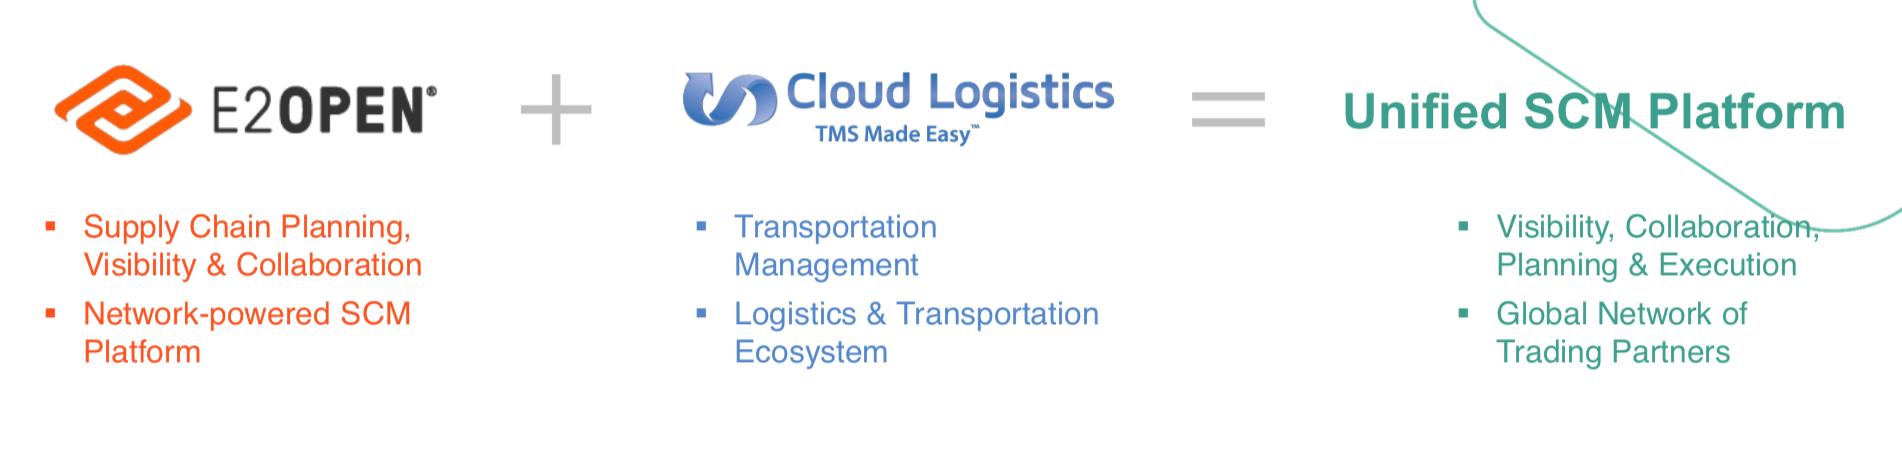 E2open Acquires Cloud Logistics, Expands Its Business Network